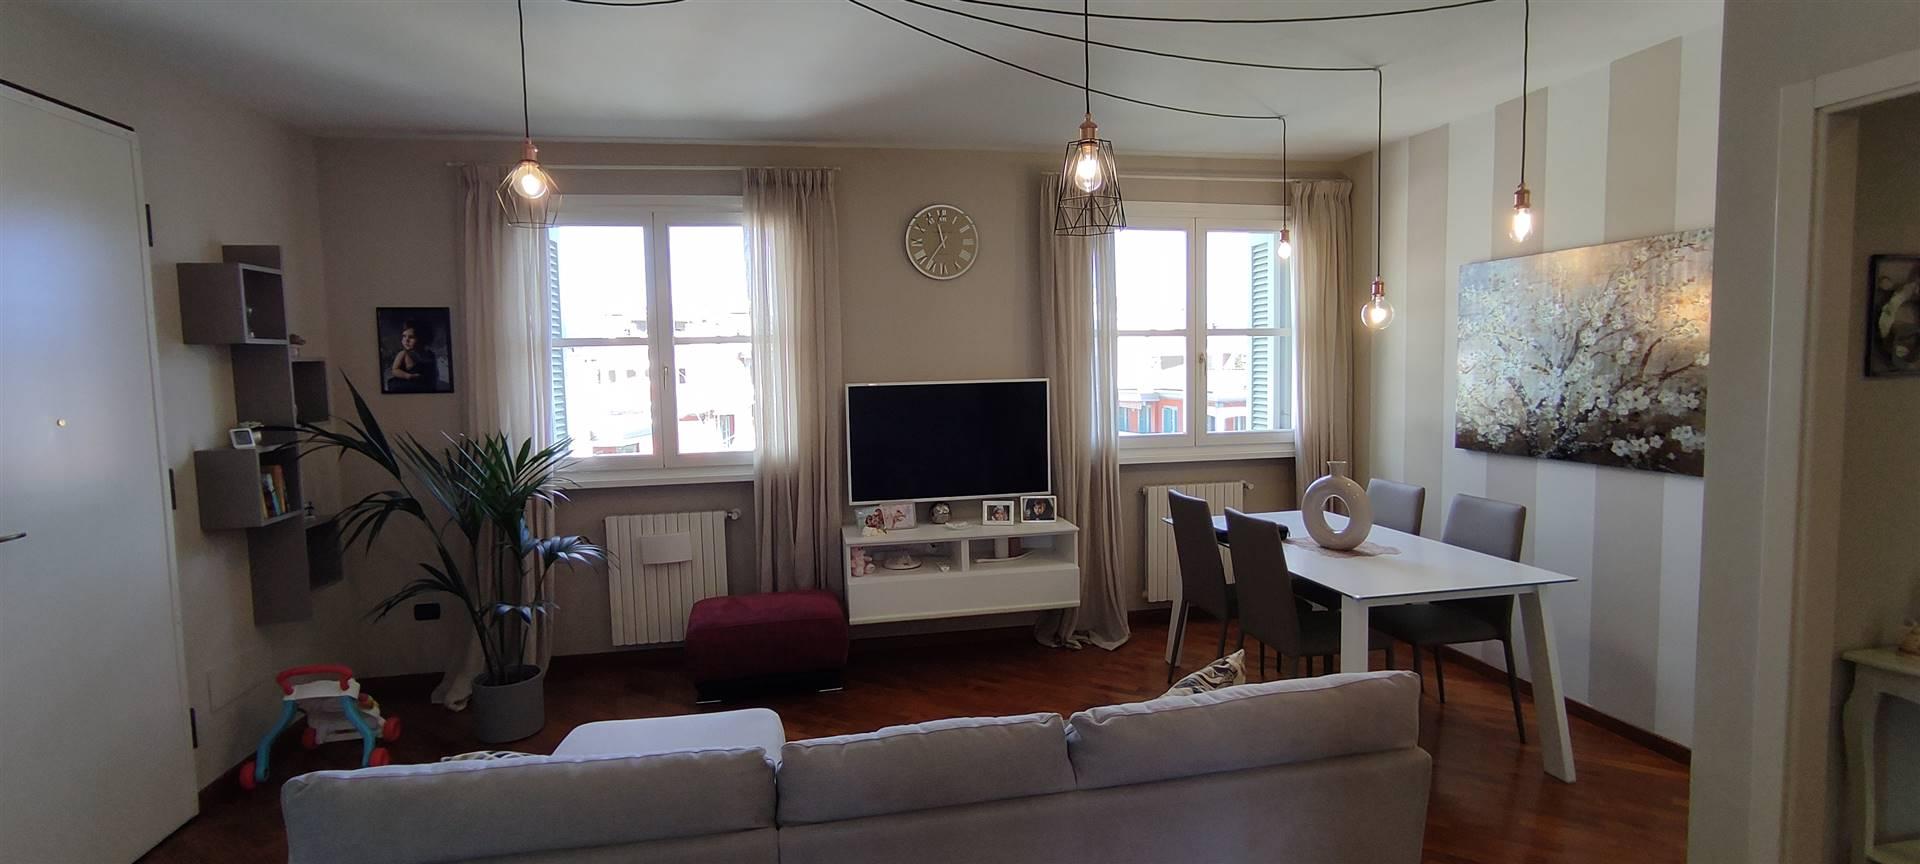 Nel centro di Quarrata, in bel complesso di recente costruzione, appartamento in ottimo stato posto al terzo piano, con ascensore, composto da terrazzo privato, luminoso soggiorno, cucina abitabile,